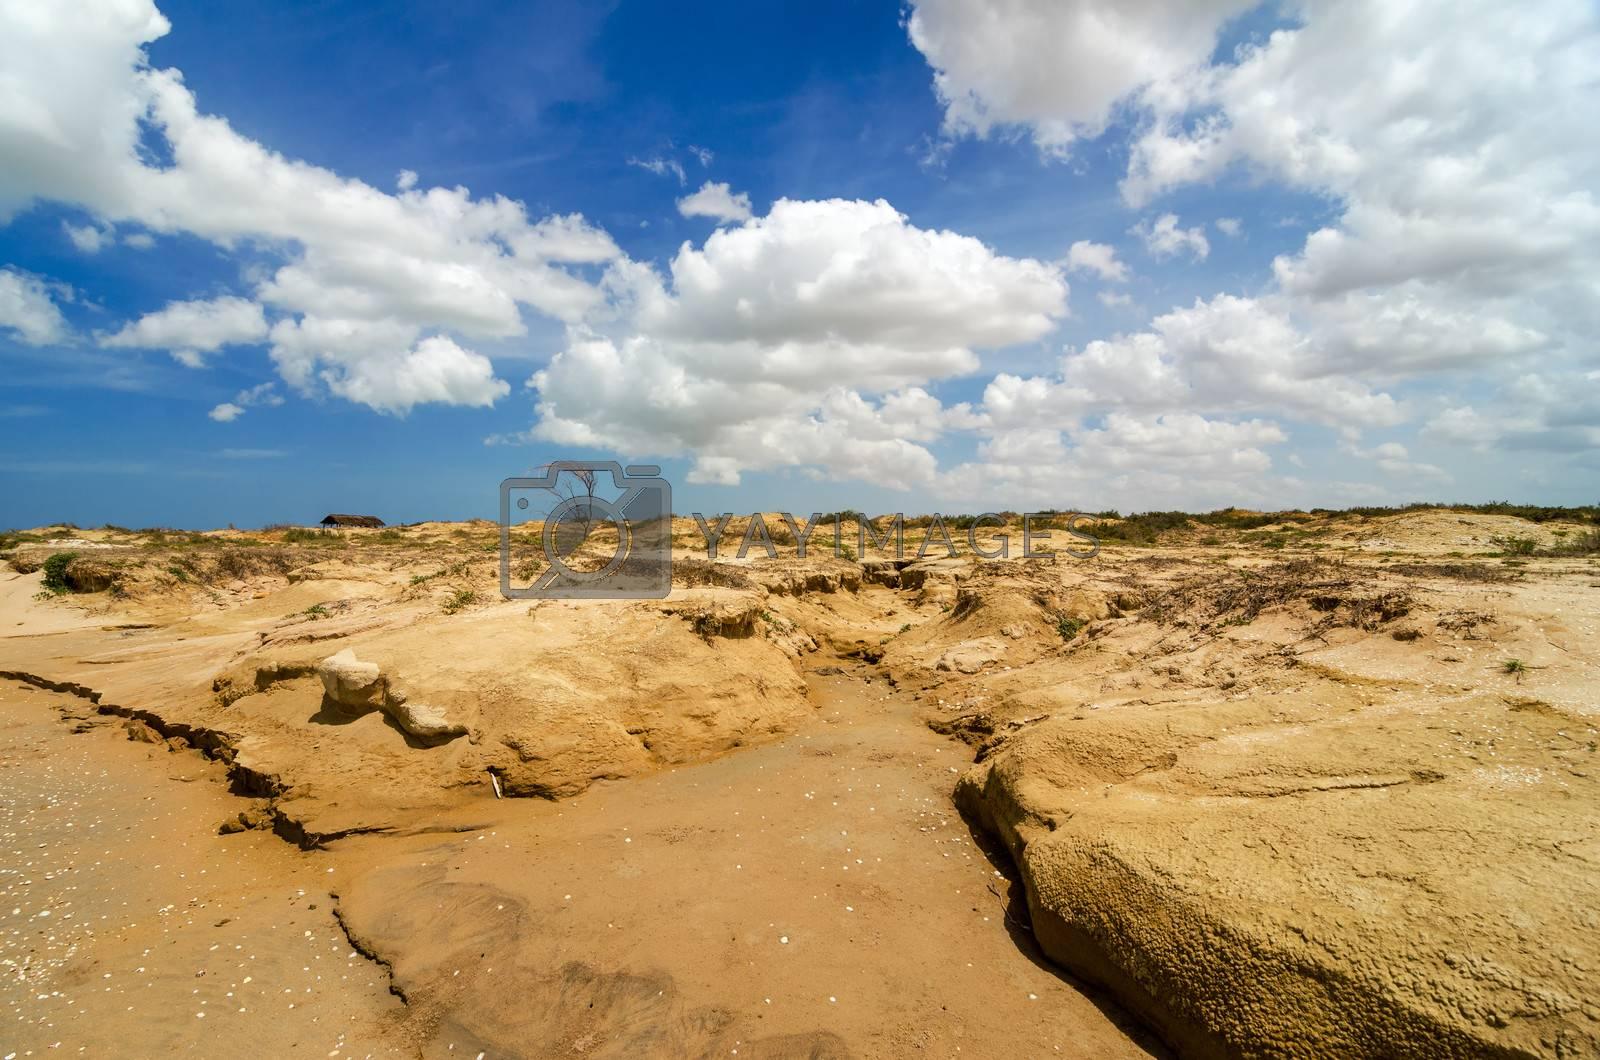 Dry barren desert landscape in La Guajira, Colombia